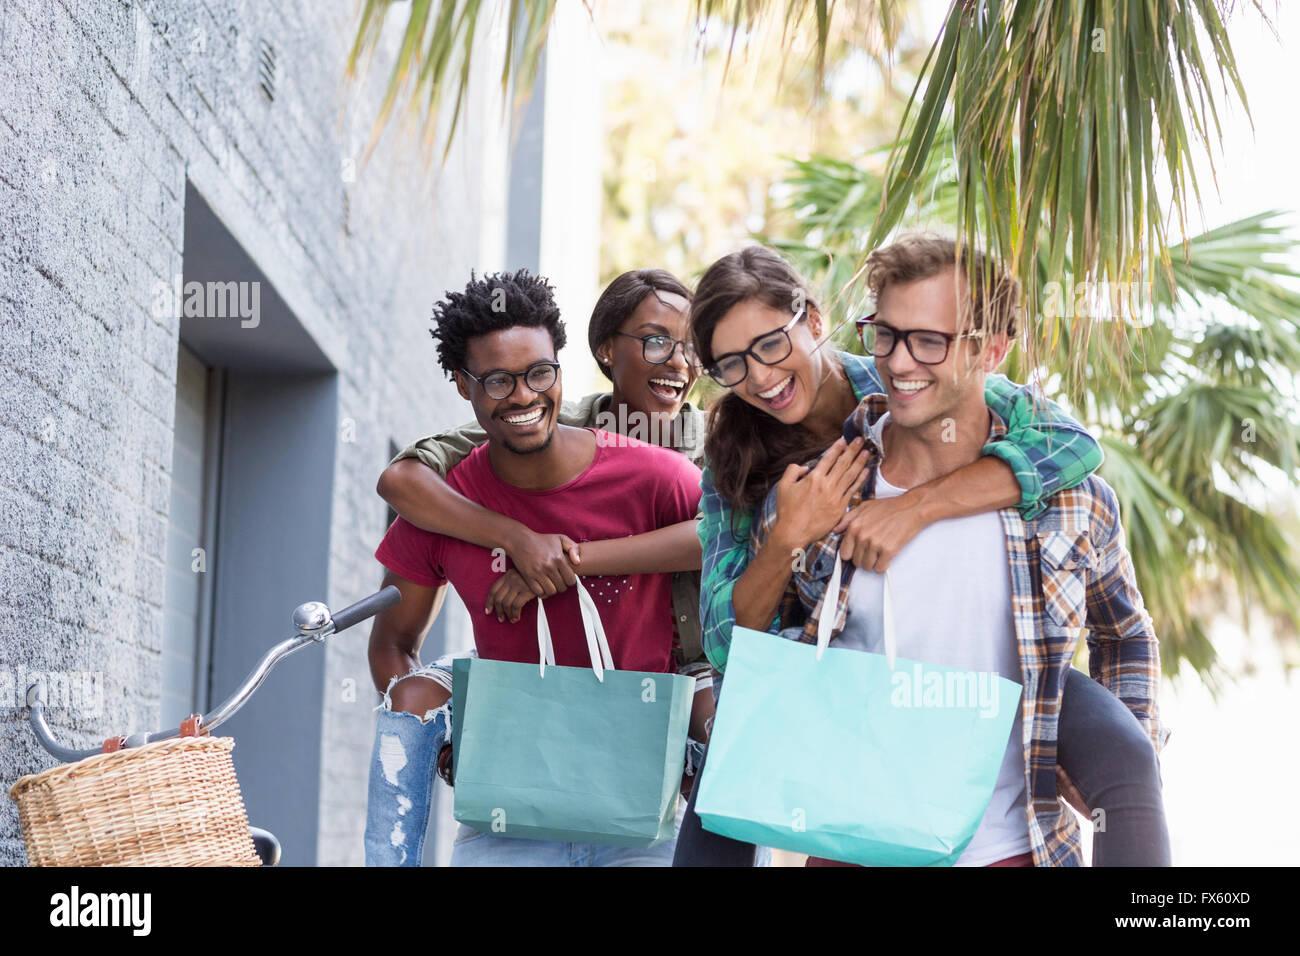 Junge Männer geben Frauen Huckepack Stockbild